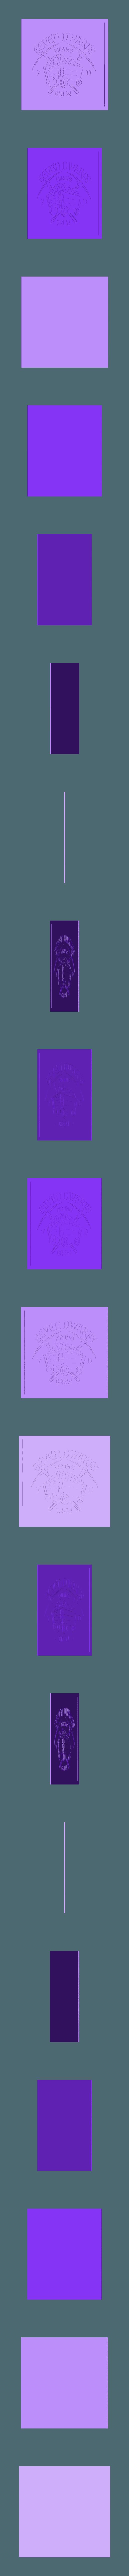 Disney_-_7_Dwarfs_Mining_v1.stl Télécharger fichier STL gratuit Disney - L'exploitation minière des sept nains - Blanche-Neige et les sept nains • Objet pour imprimante 3D, yb__magiic